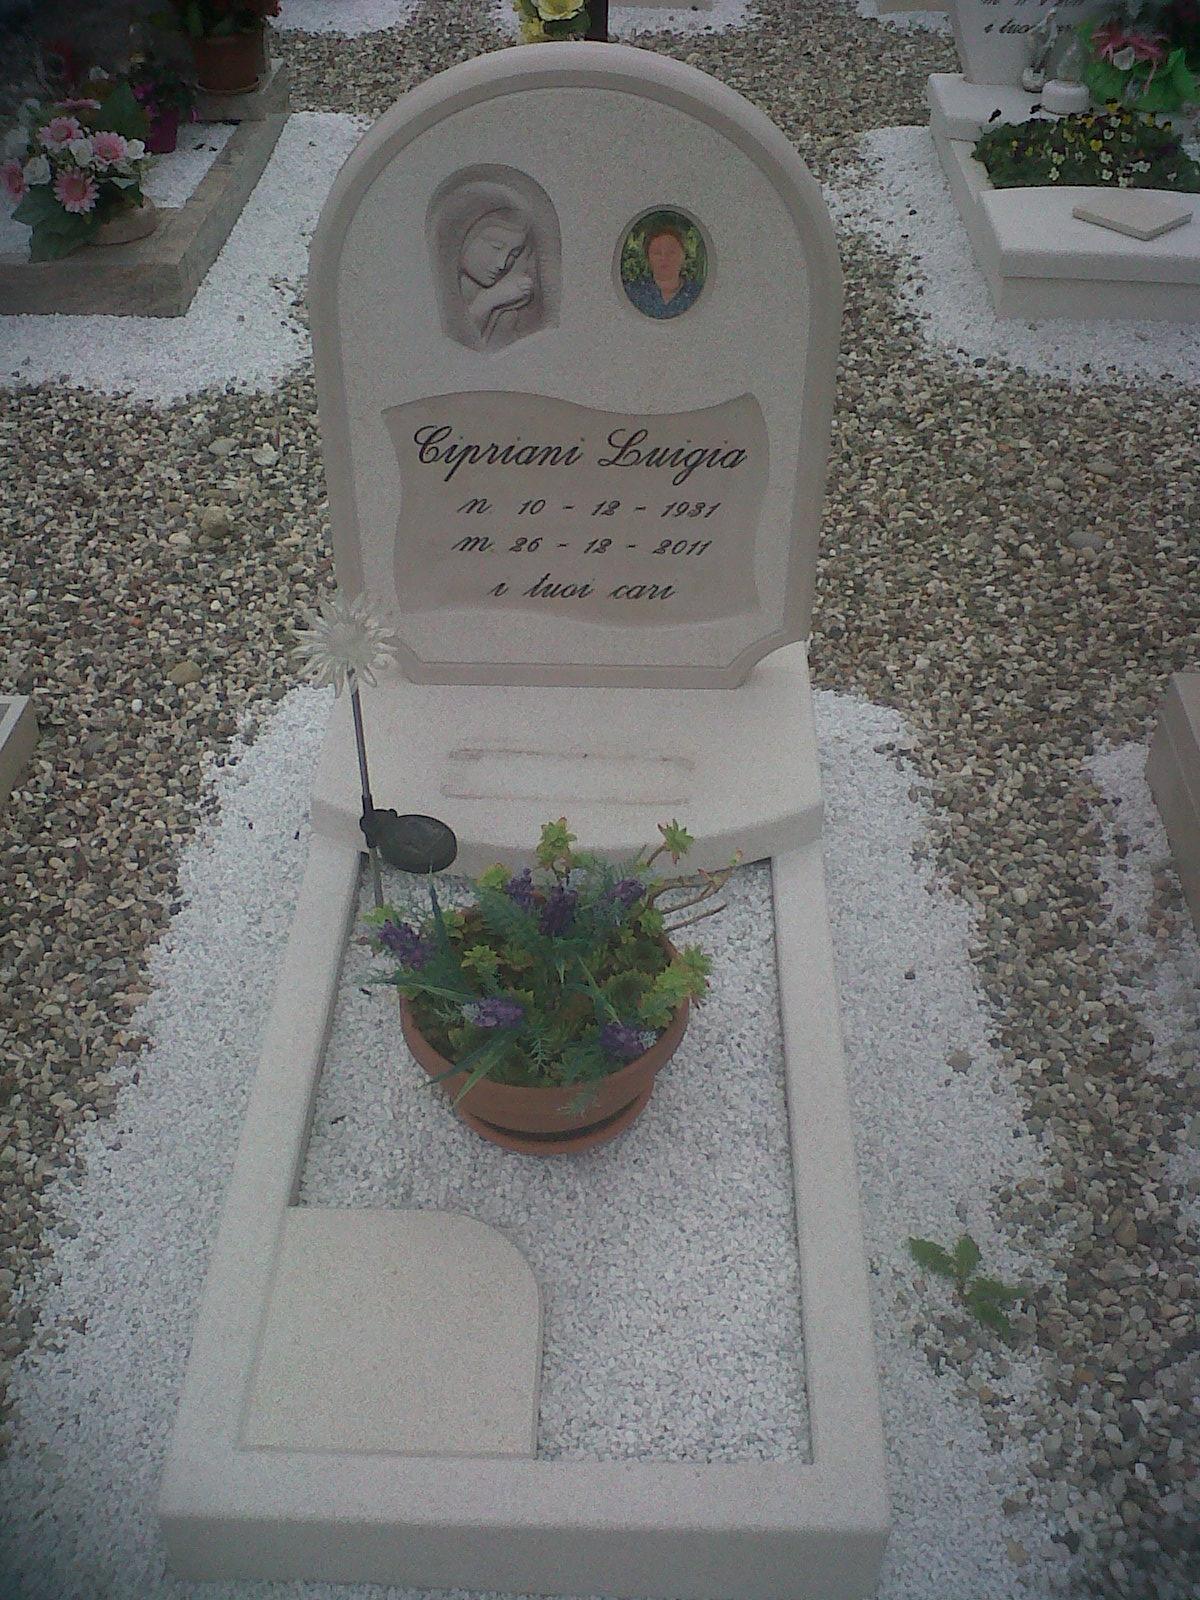 Gallery Lavorazioni Cimiteriali Onoranze Funebri Laltro Cielo